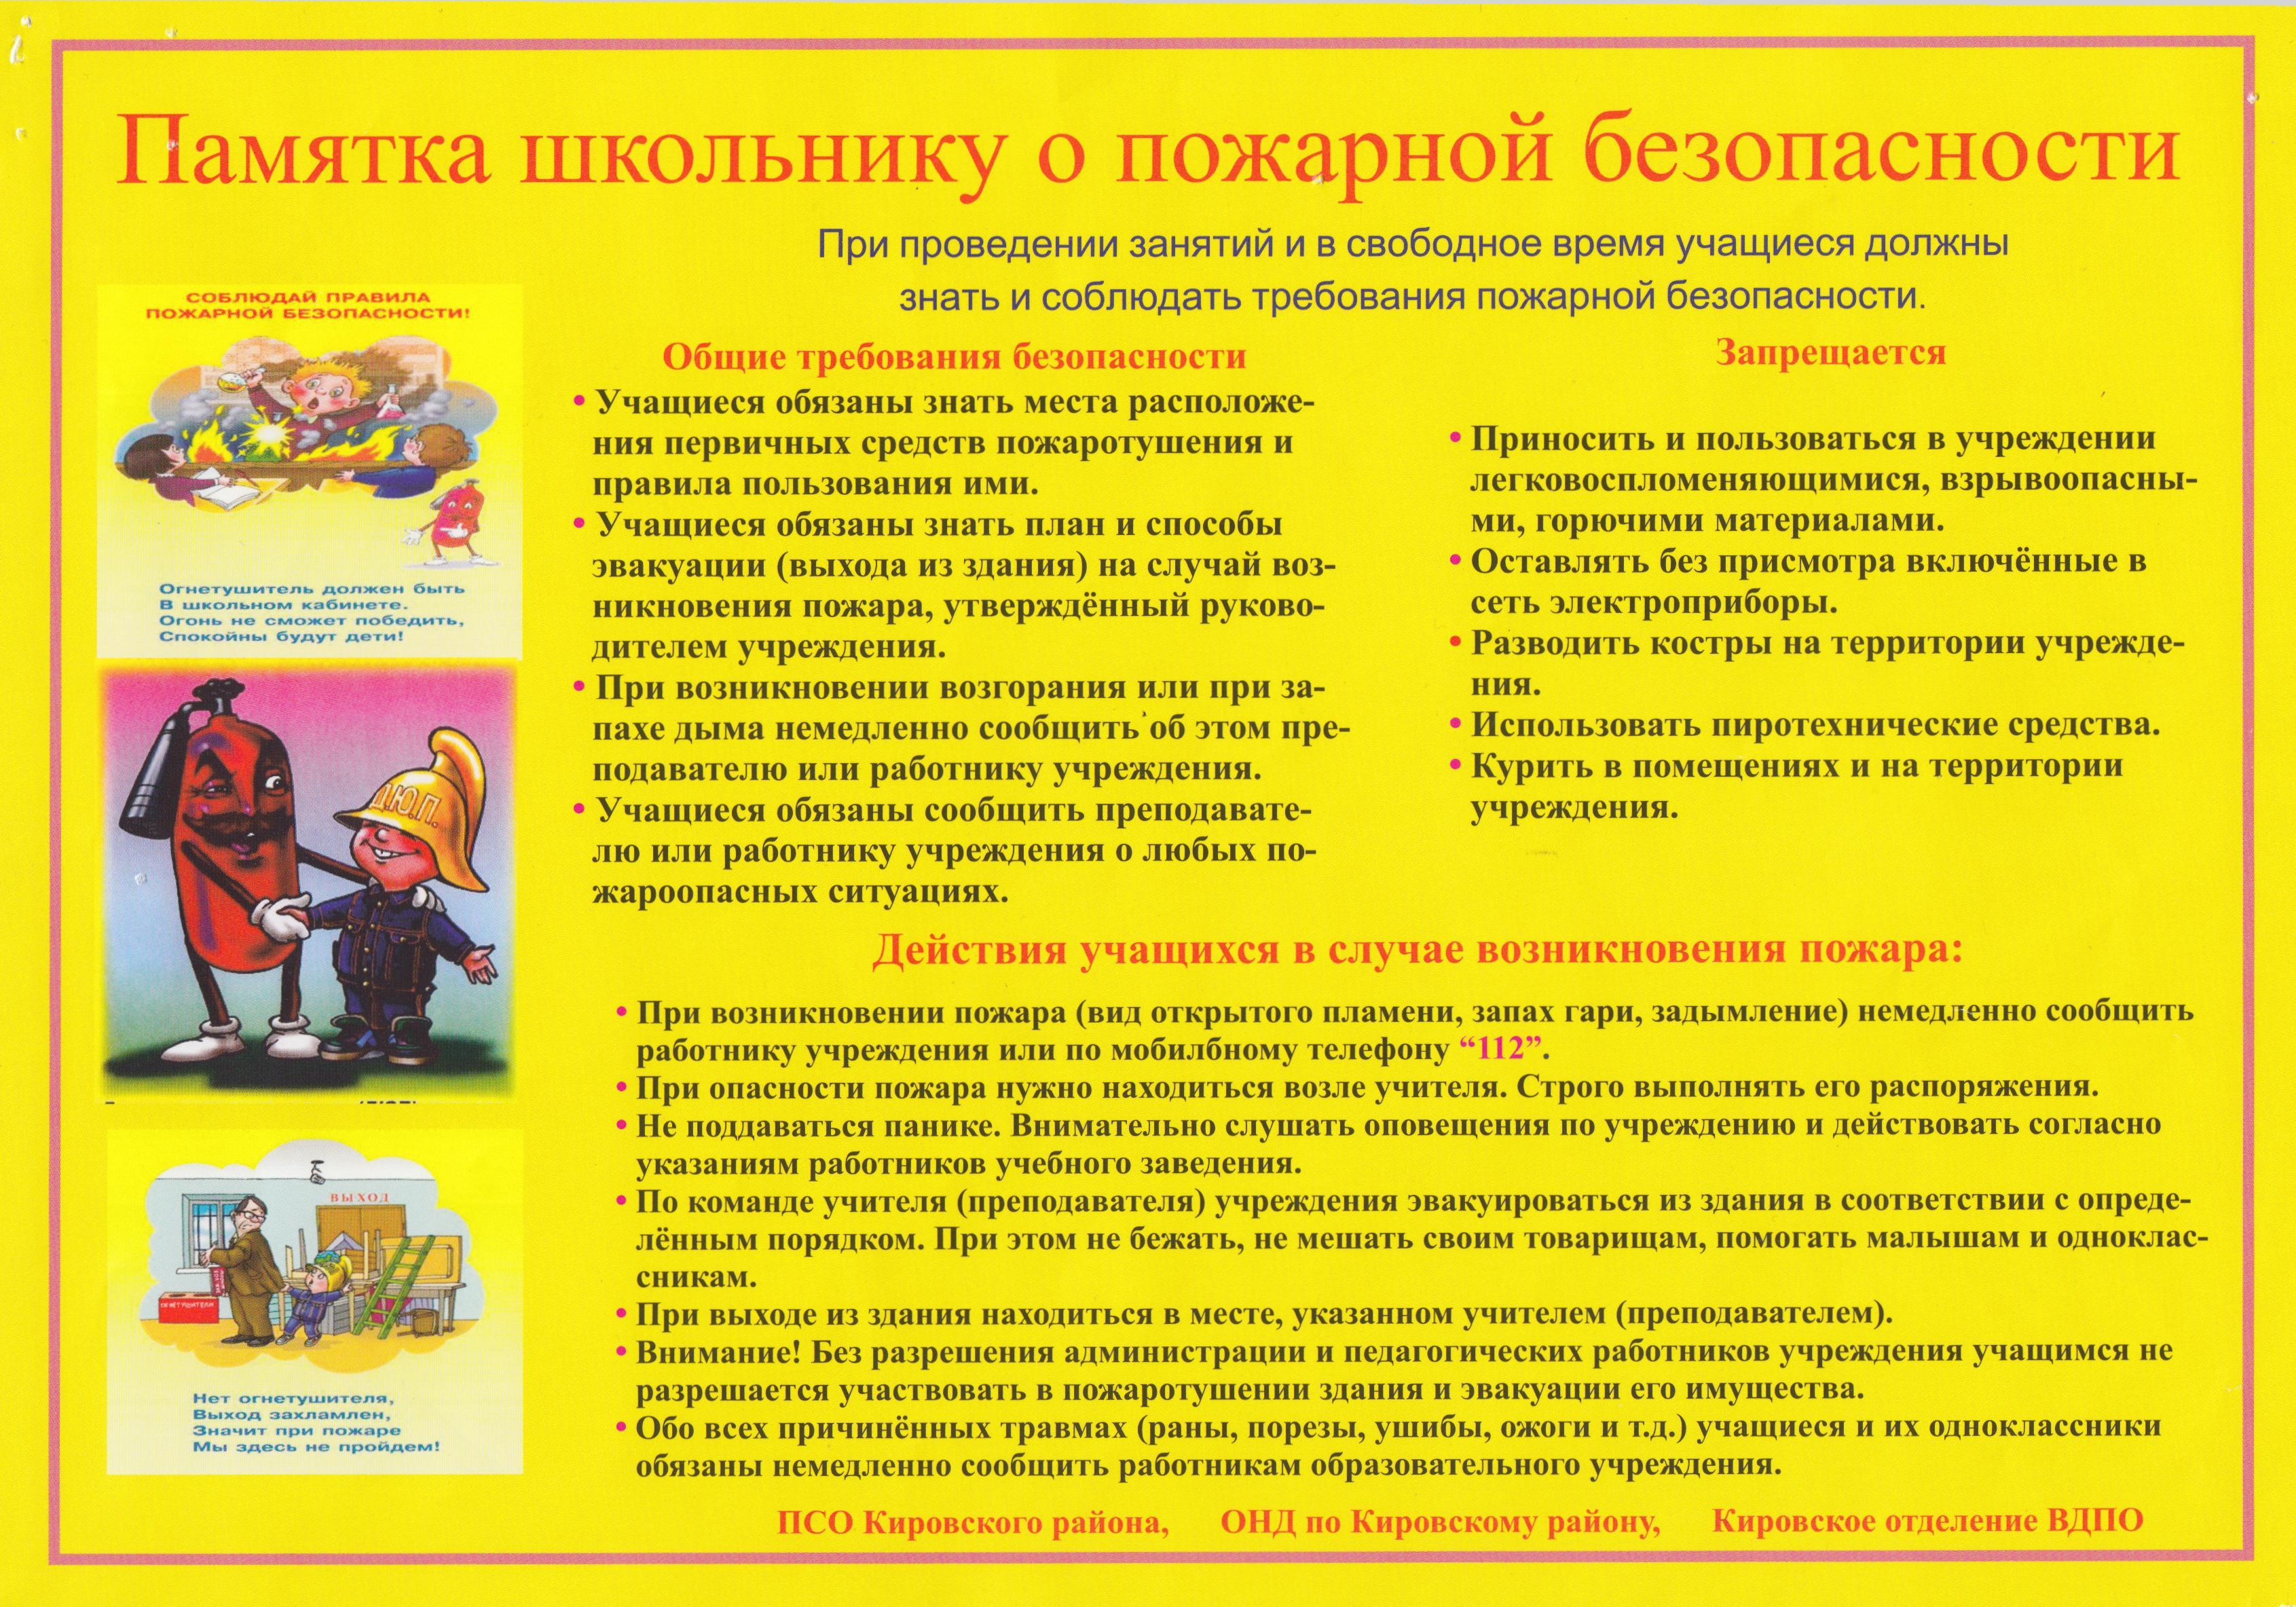 Памятка школьнику о пожарной безопасности - 2